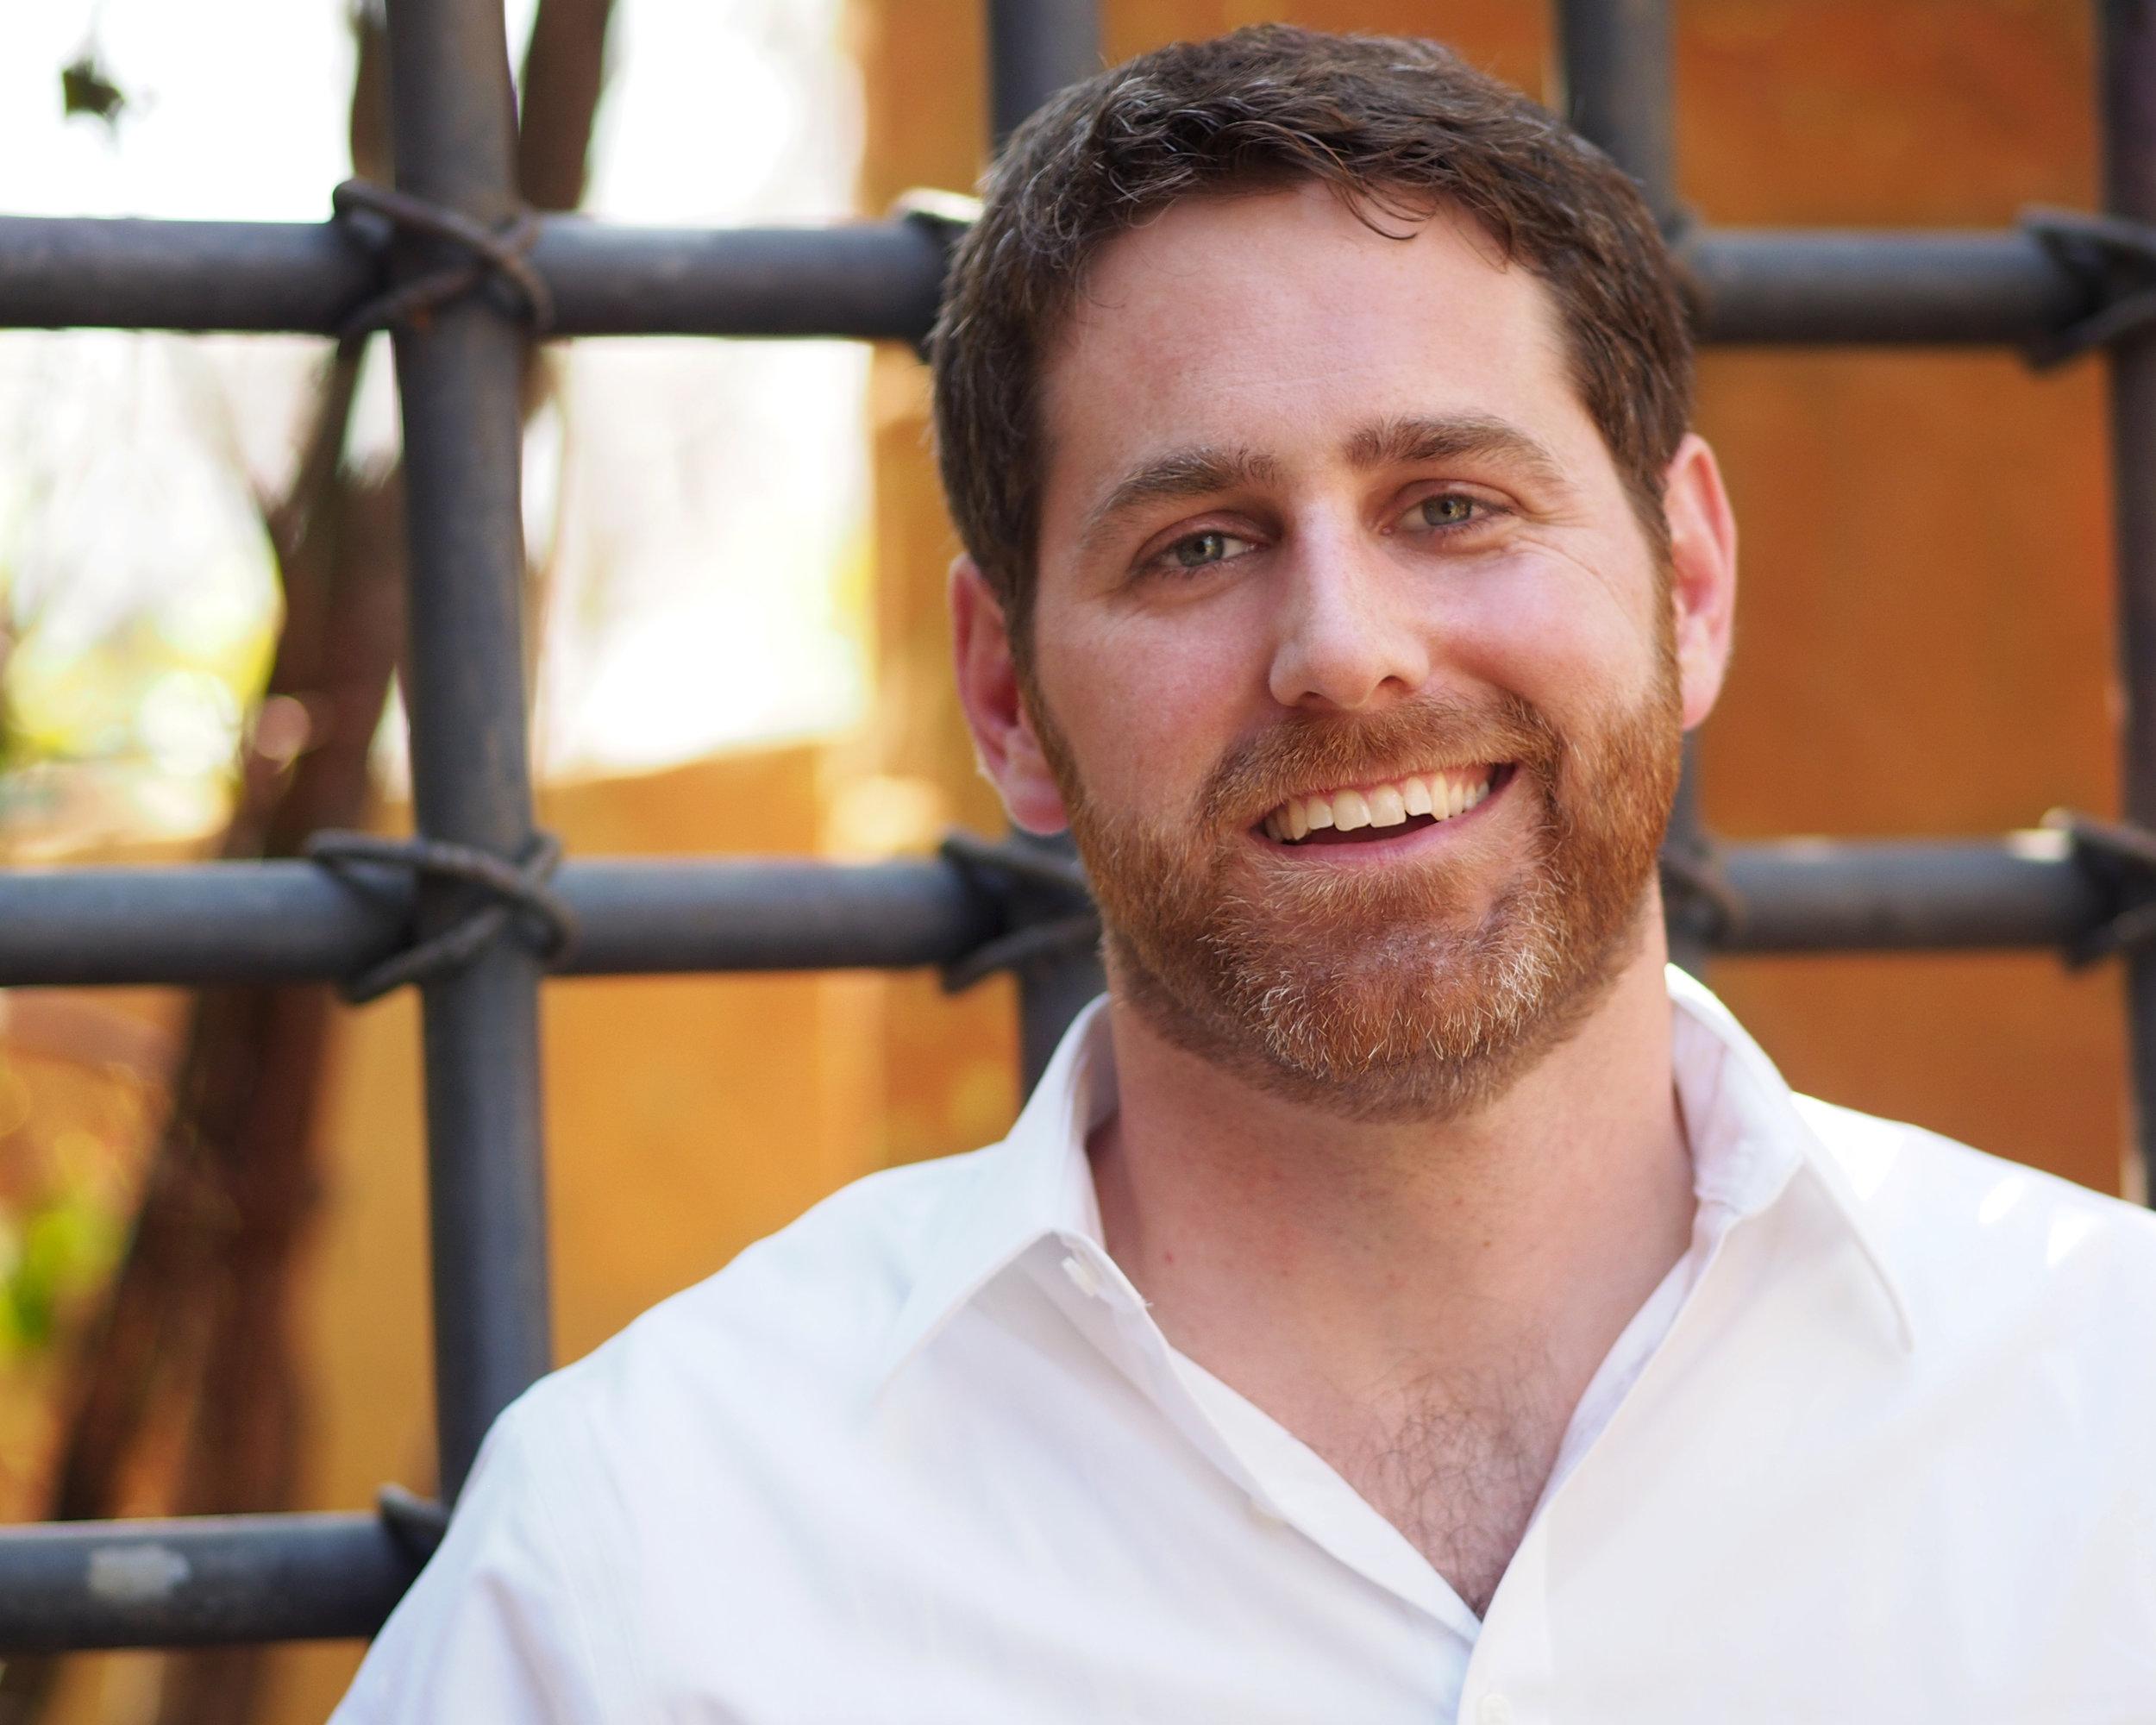 Andrew Forcier